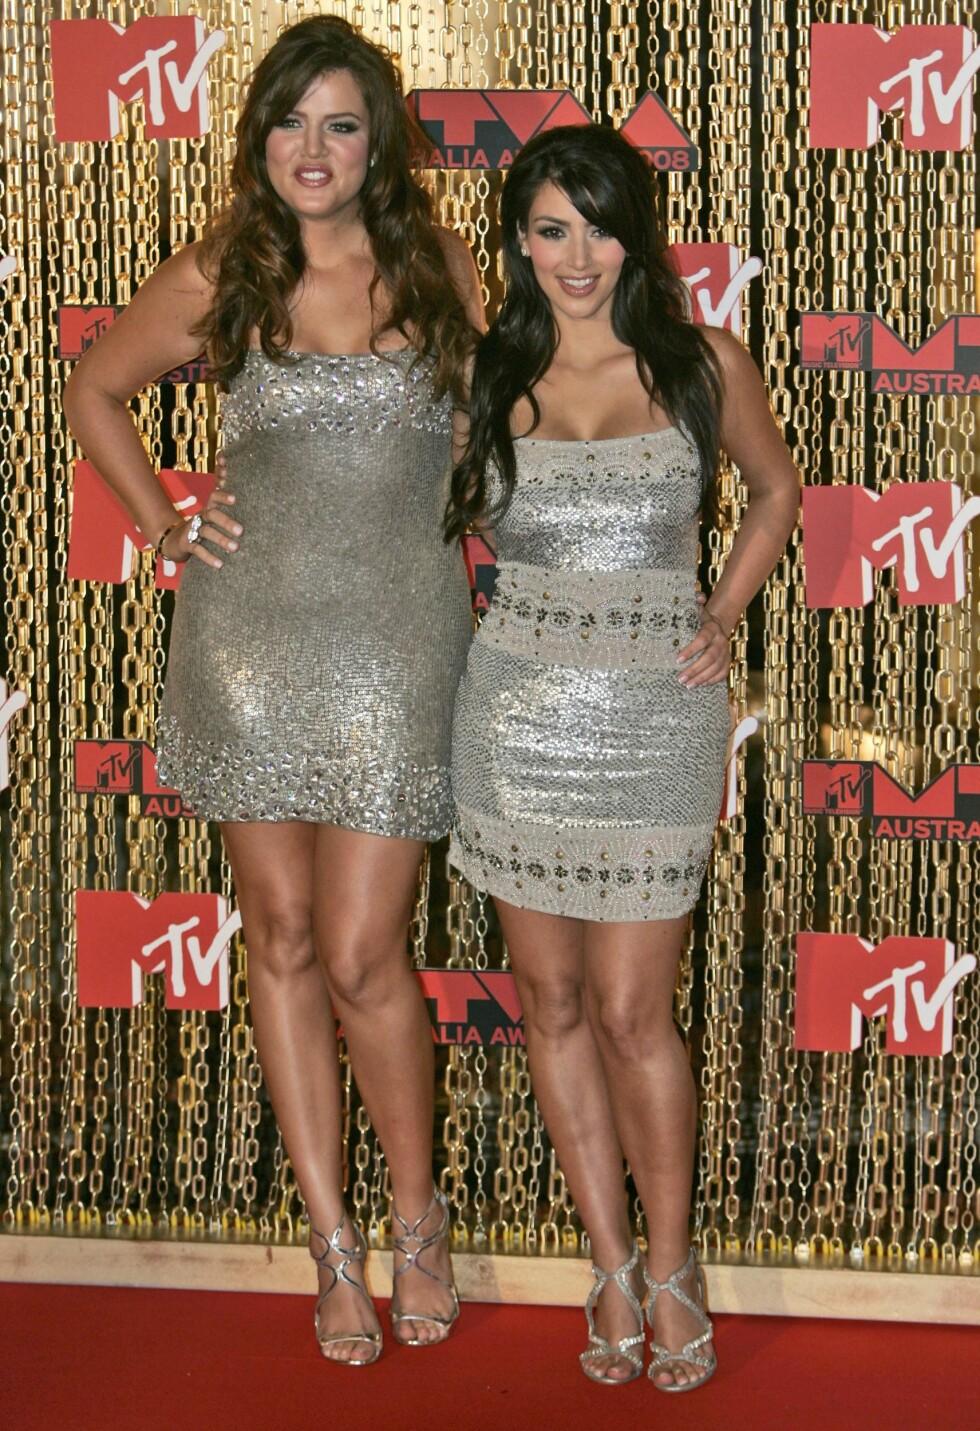 DEN GANG DA: Khloé og Kim Kardashian på rød løper under MTV Australia Awards i Sydney i 2008. Mye har skjedd siden den gang! Foto: NTB Scanpix